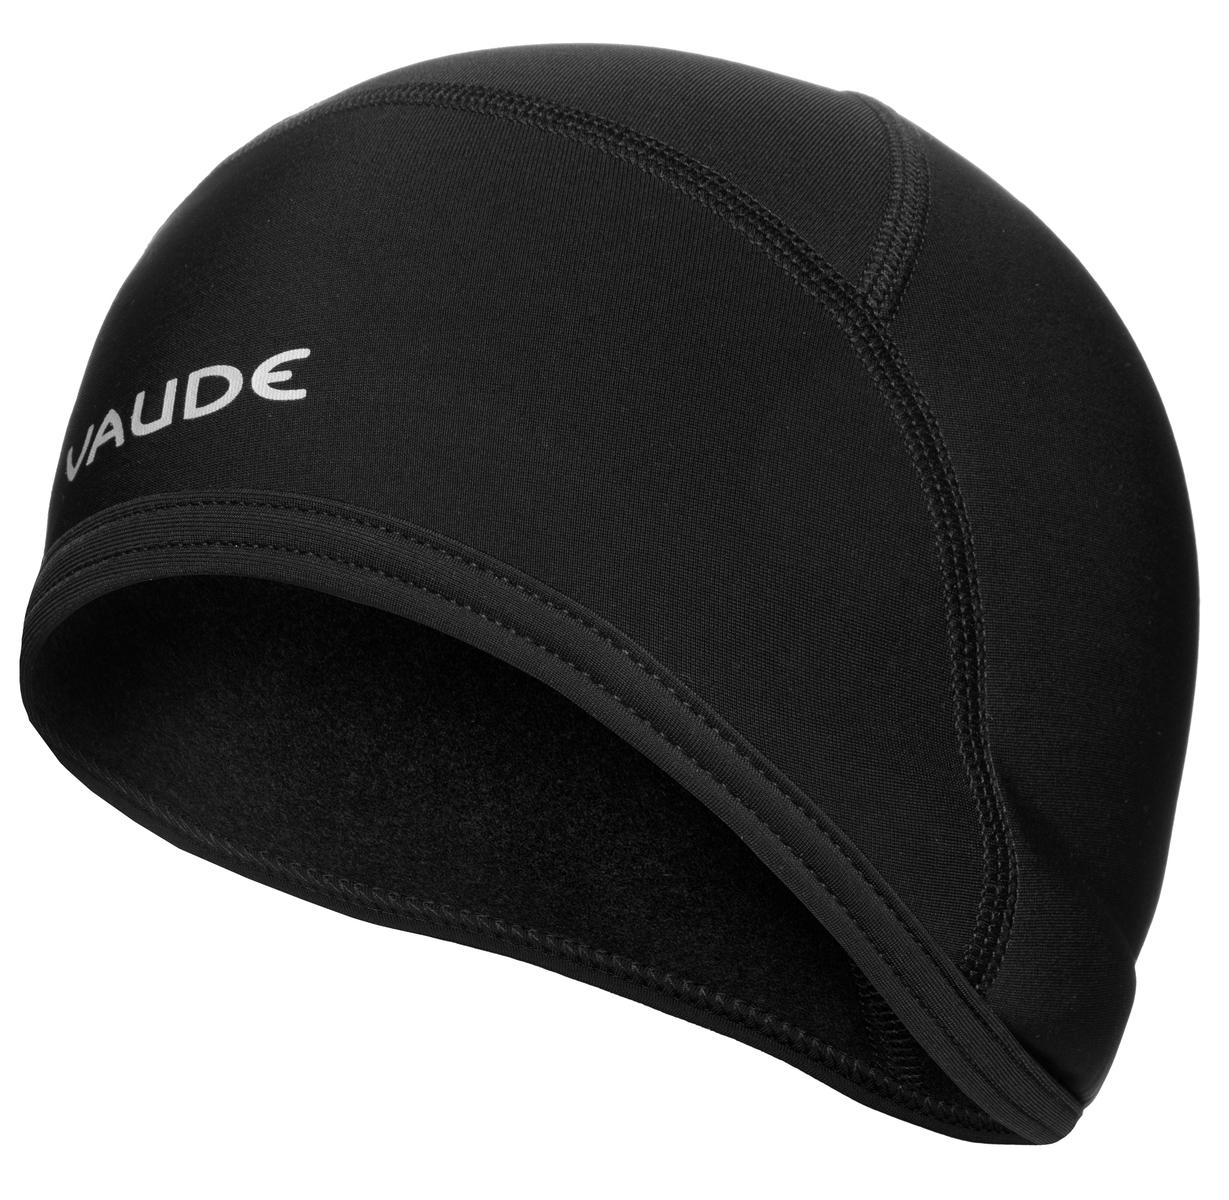 mode livraison gratuite aspect esthétique Casquette vélo, bandeau, sous-casque ou encore masque...